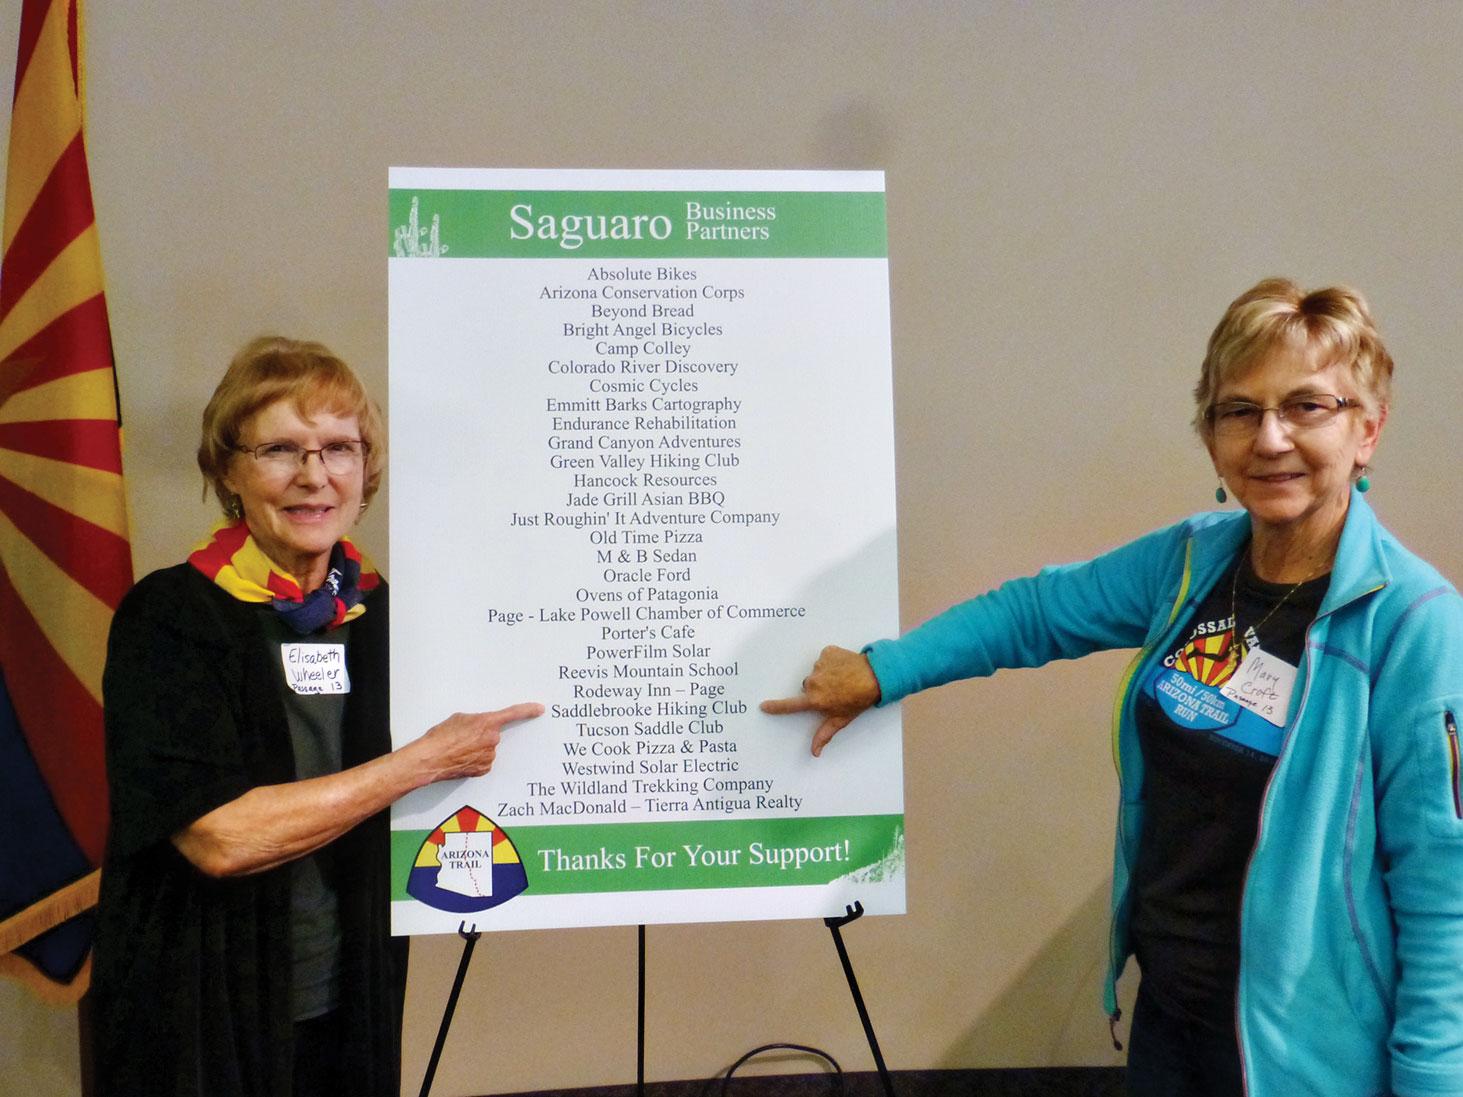 Arizona Trail Association recognizes Elisabeth Wheeler and Mary Croft from the SaddleBrooke Hiking Club.